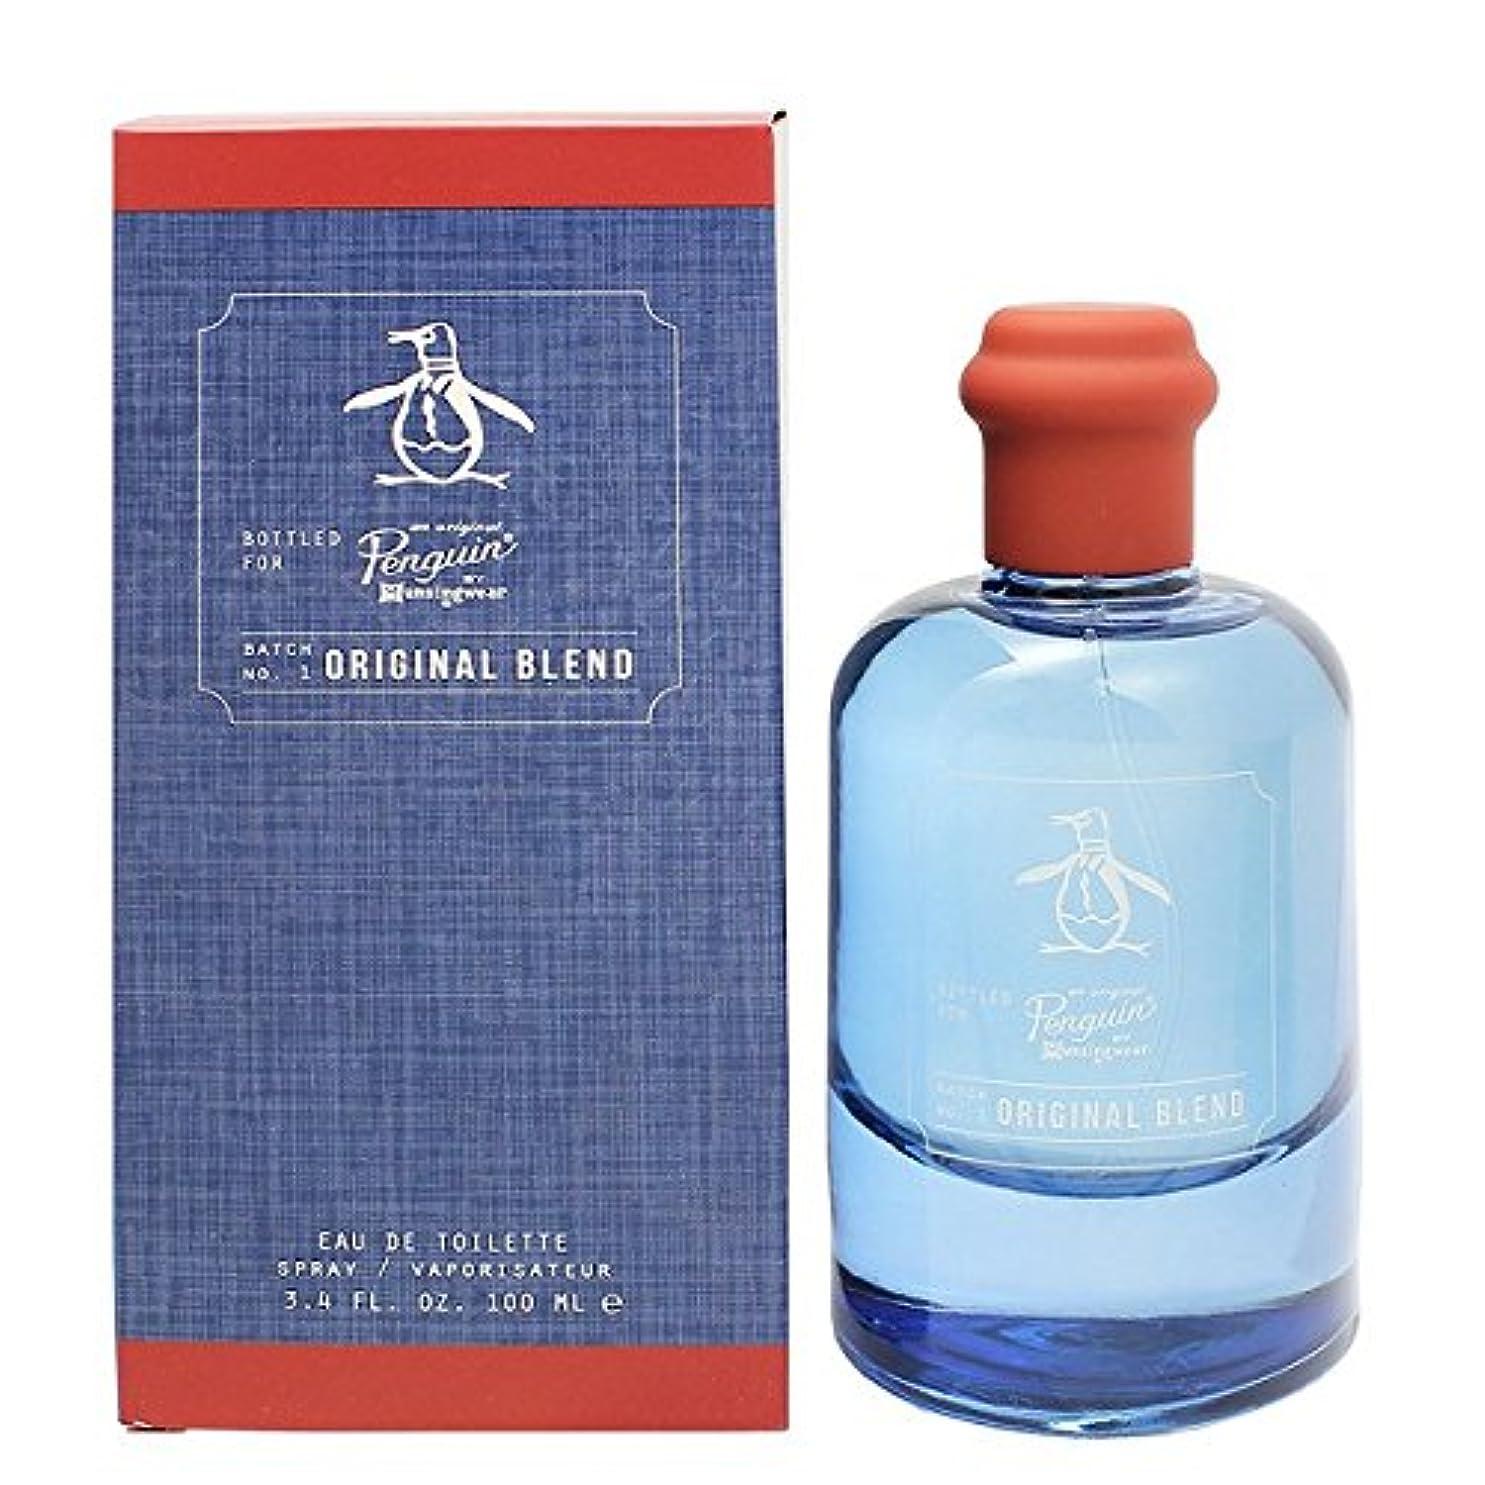 バウンスファウル保育園Penguin Original Blend (ペンギン オリジナル ブレンド) 3.4 oz (100ml) EDT Spray by Munsingwear for Men